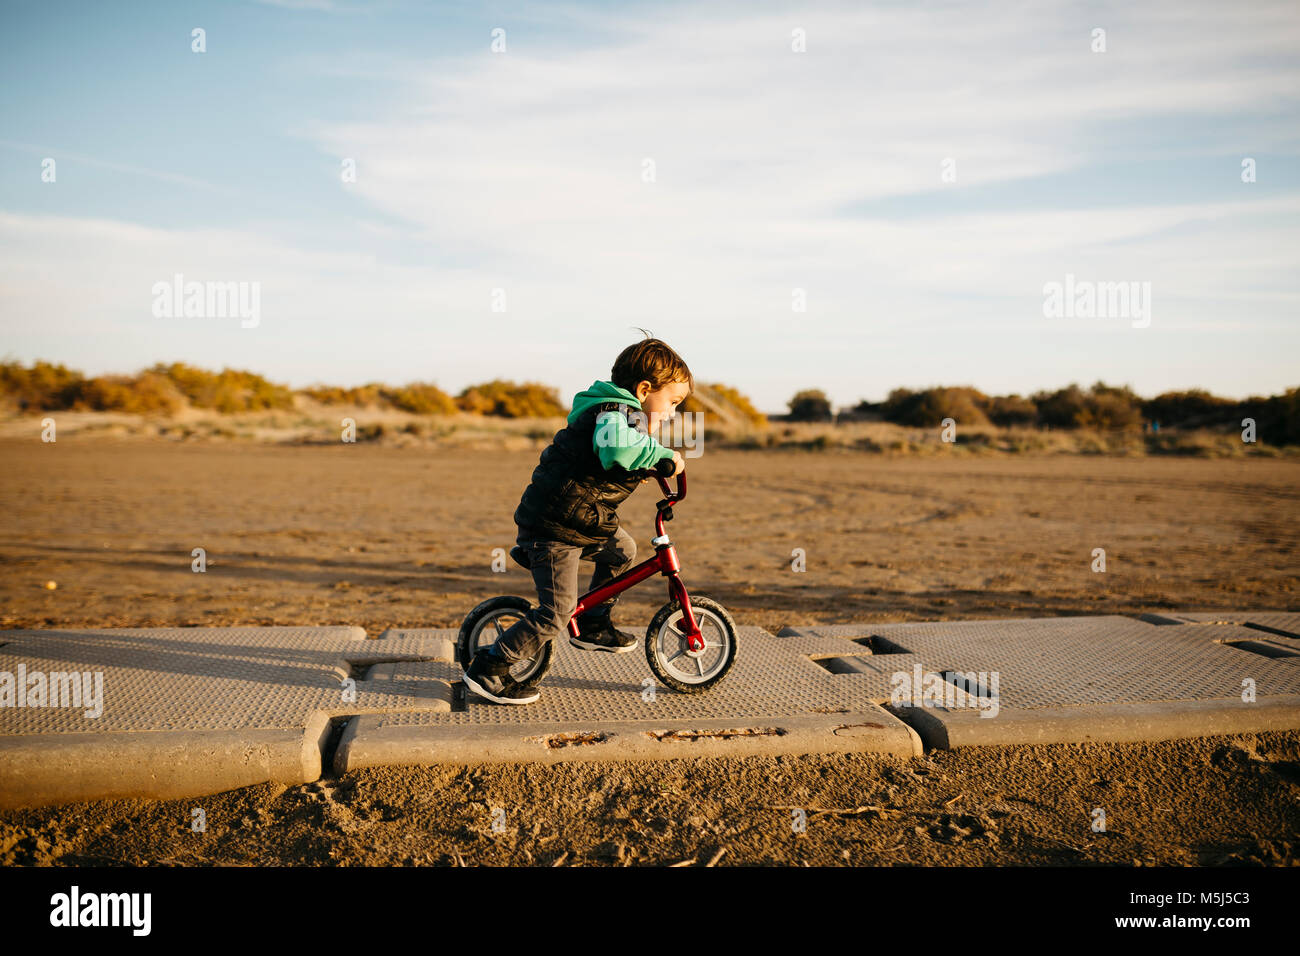 Ragazzo in esecuzione con una bici sulla spiaggia in inverno Immagini Stock